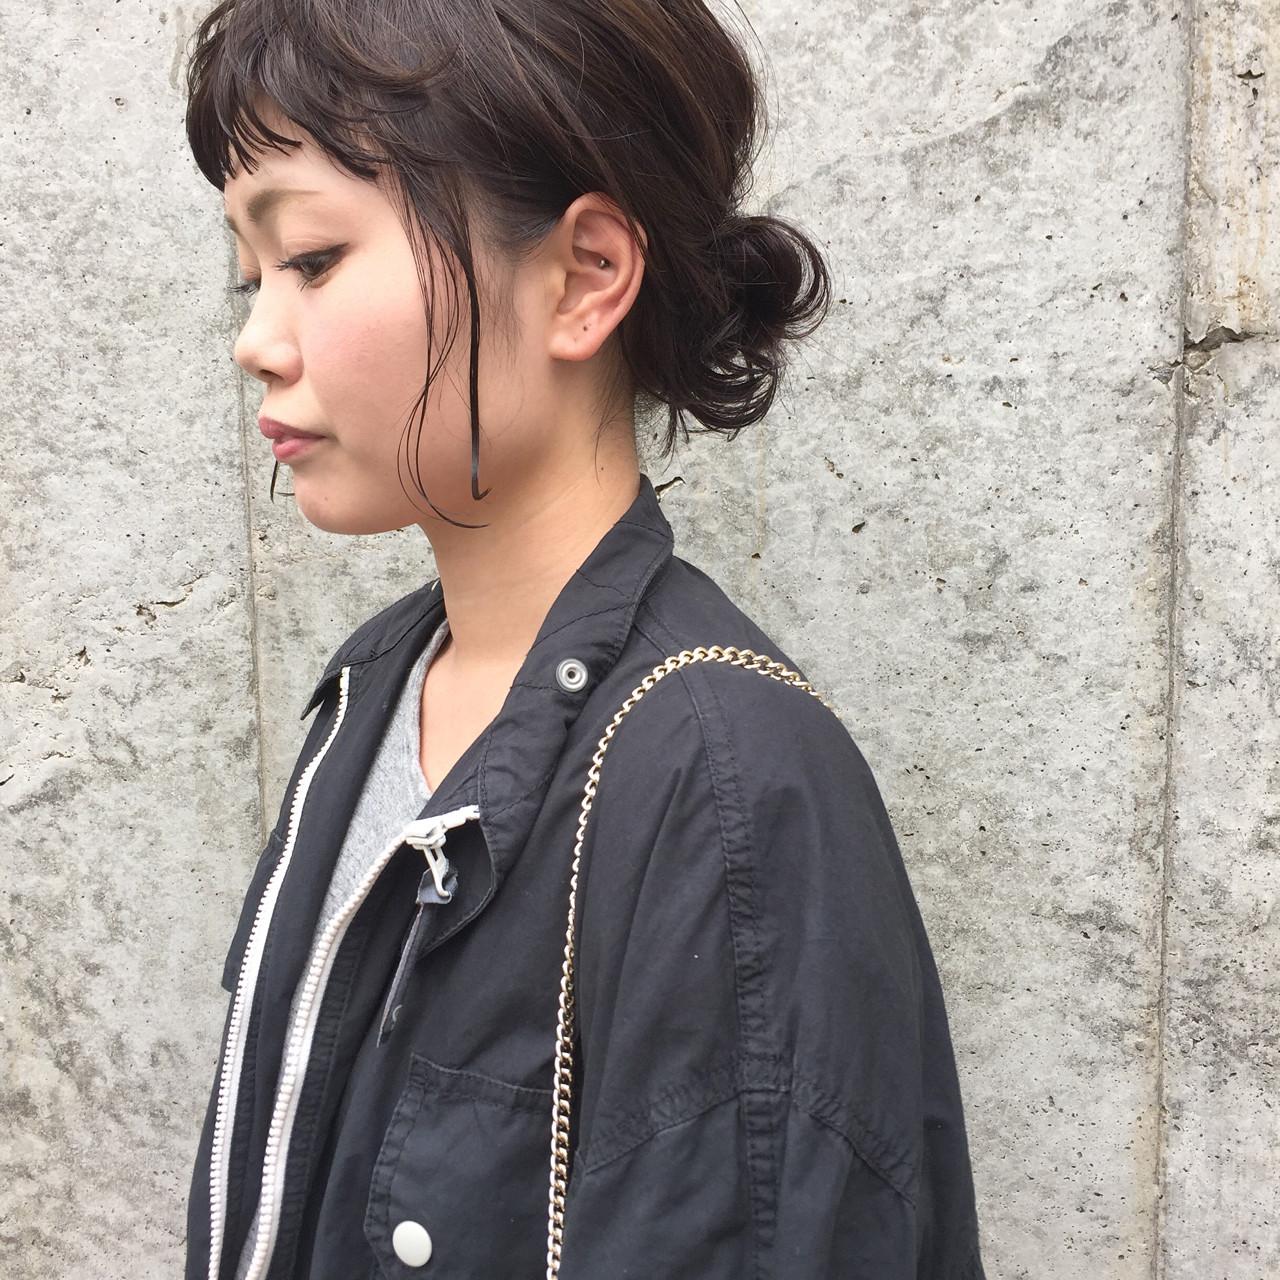 秋 ヘアアレンジ シニヨン ルーズ ヘアスタイルや髪型の写真・画像